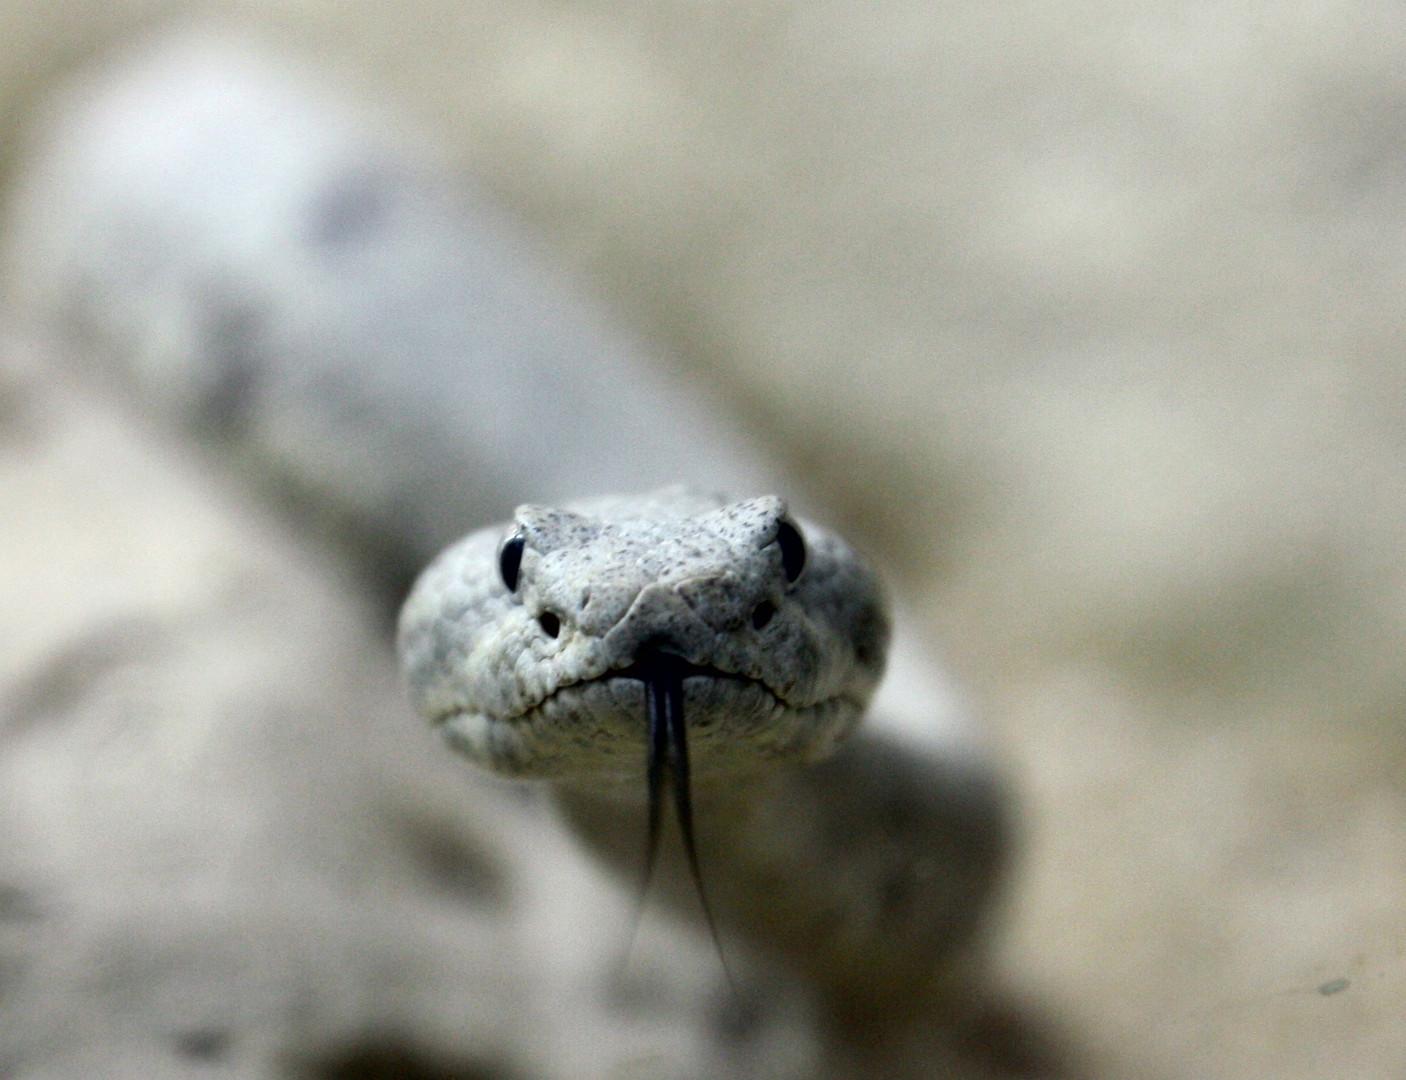 Auge in Auge mit einer Klapperschlange